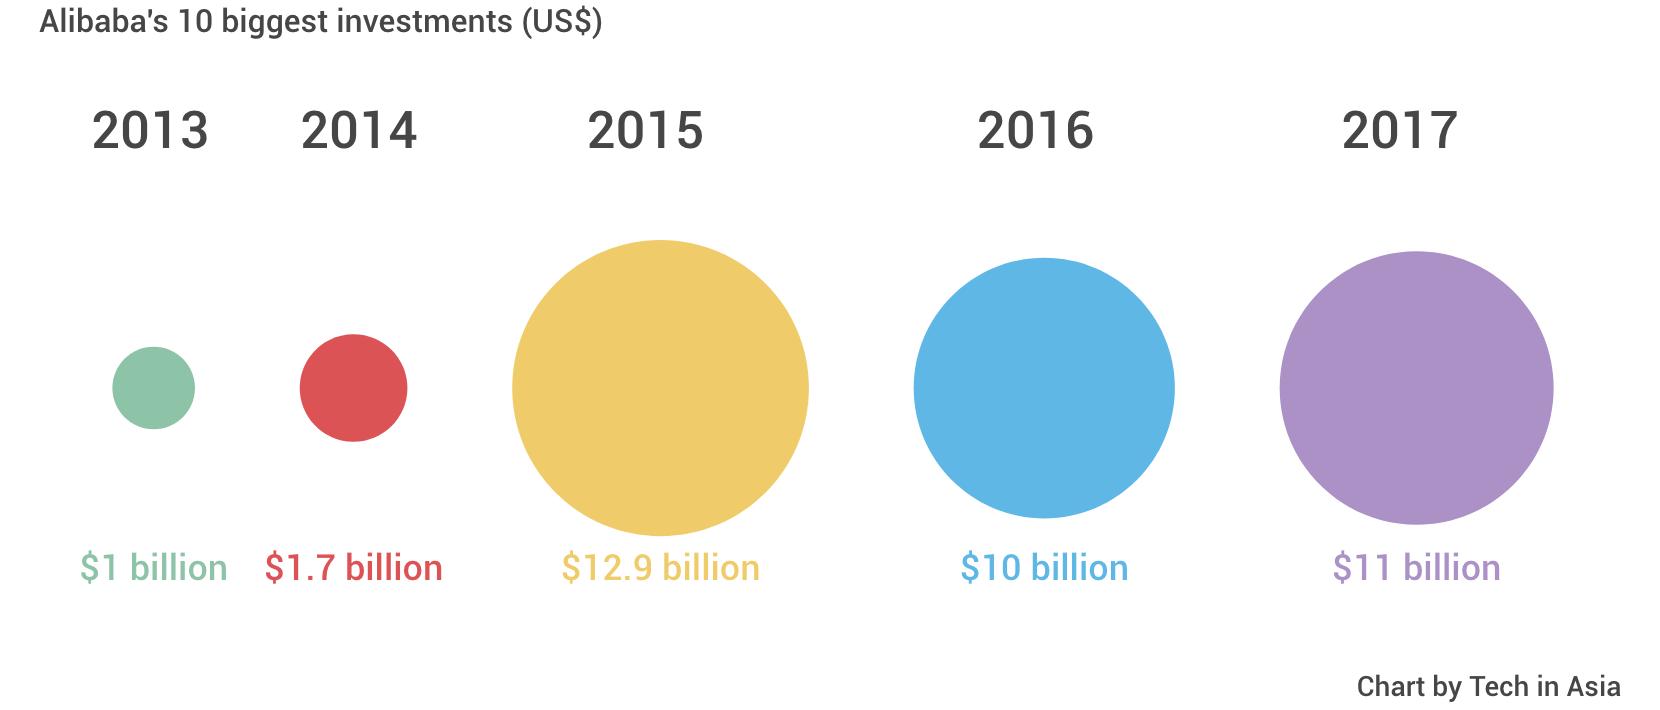 盘点阿里2017年十大投资:巨资砸向中外零售企业